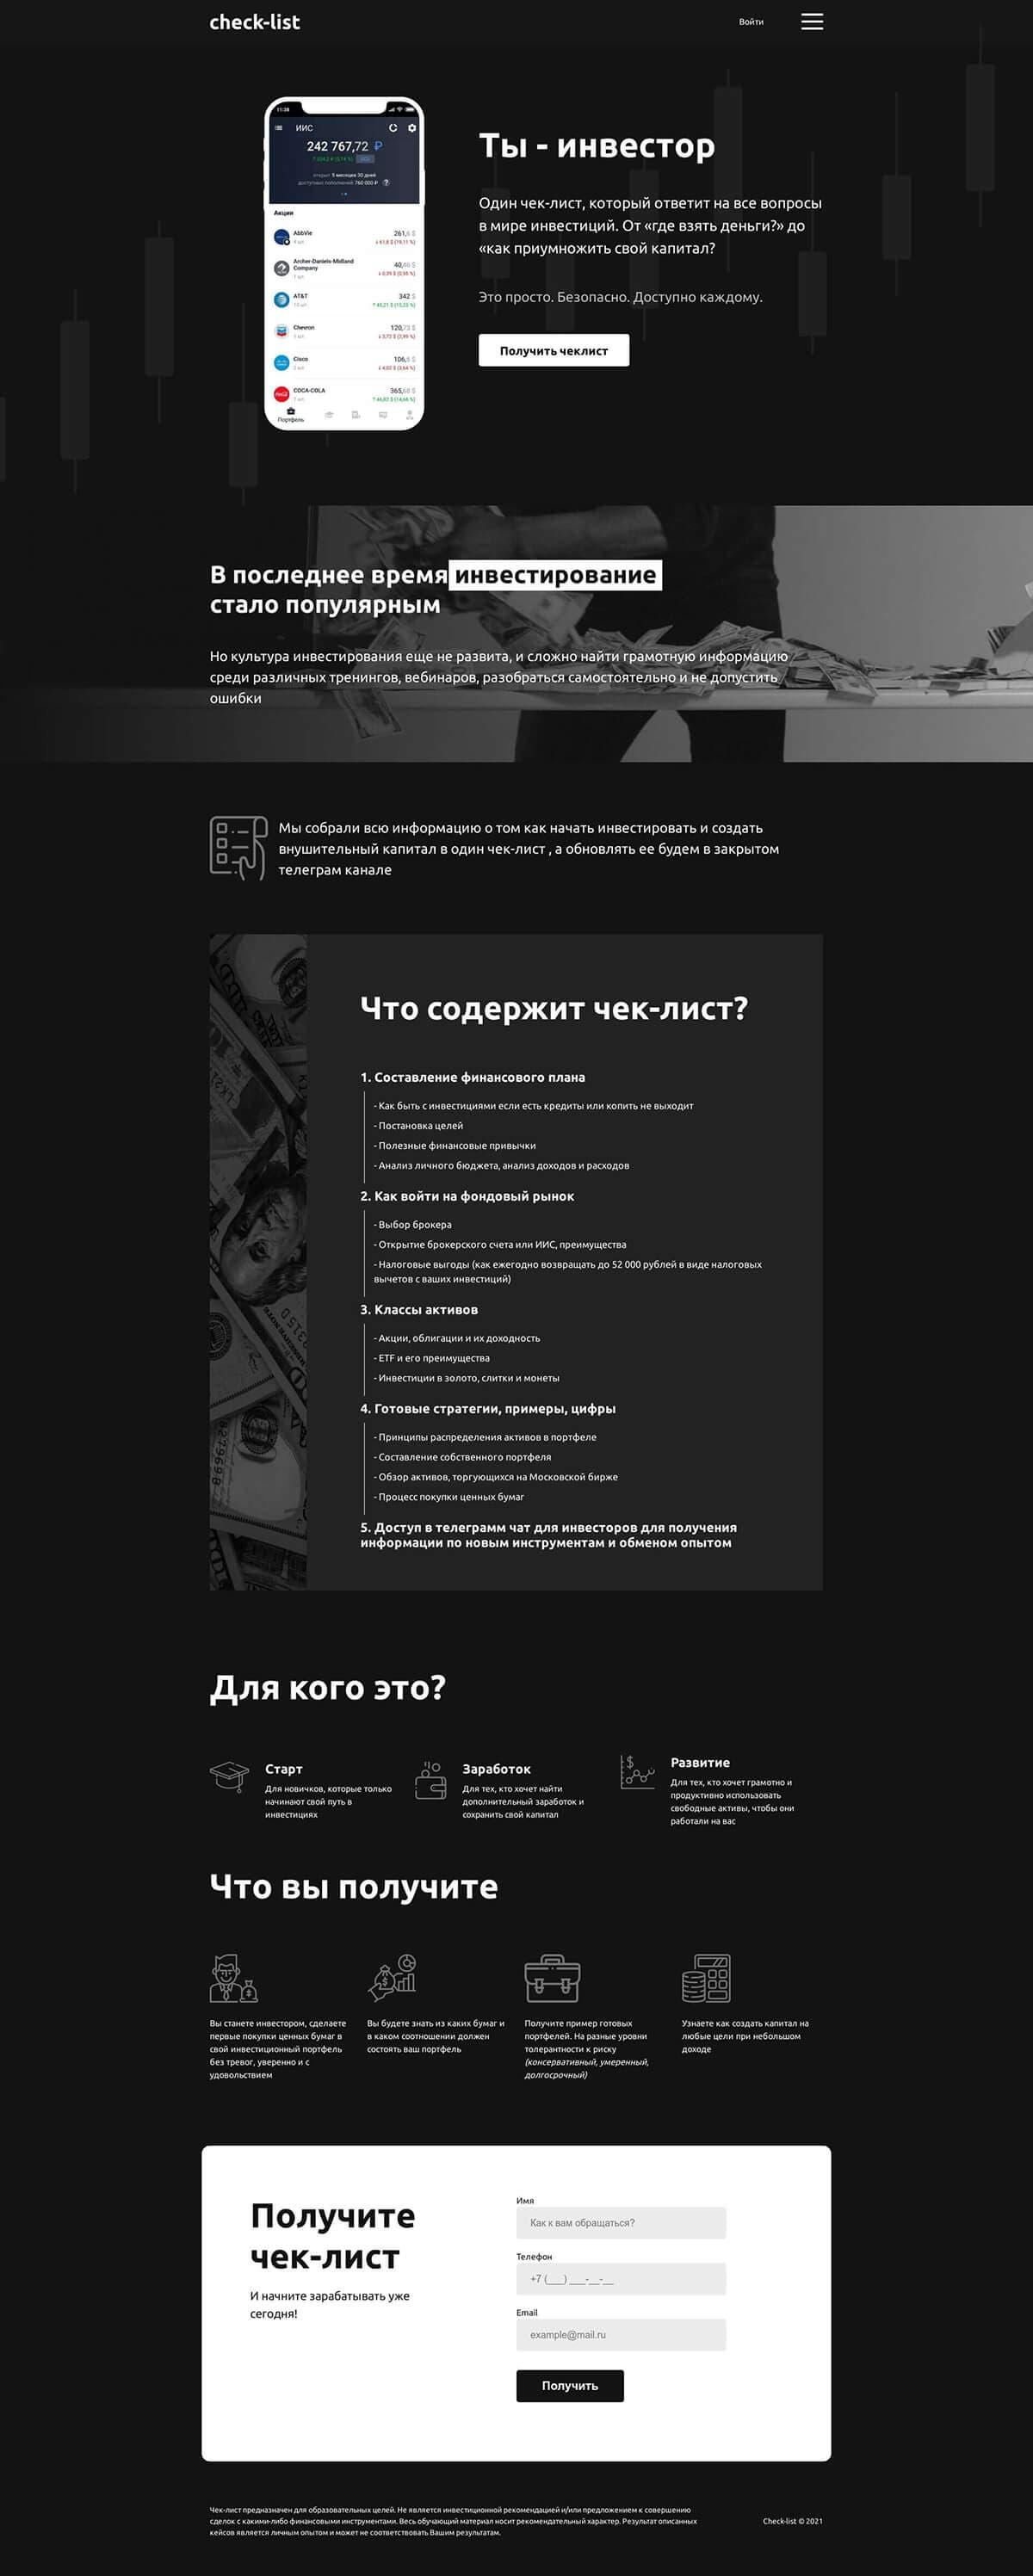 Инфо сайт инвестиций